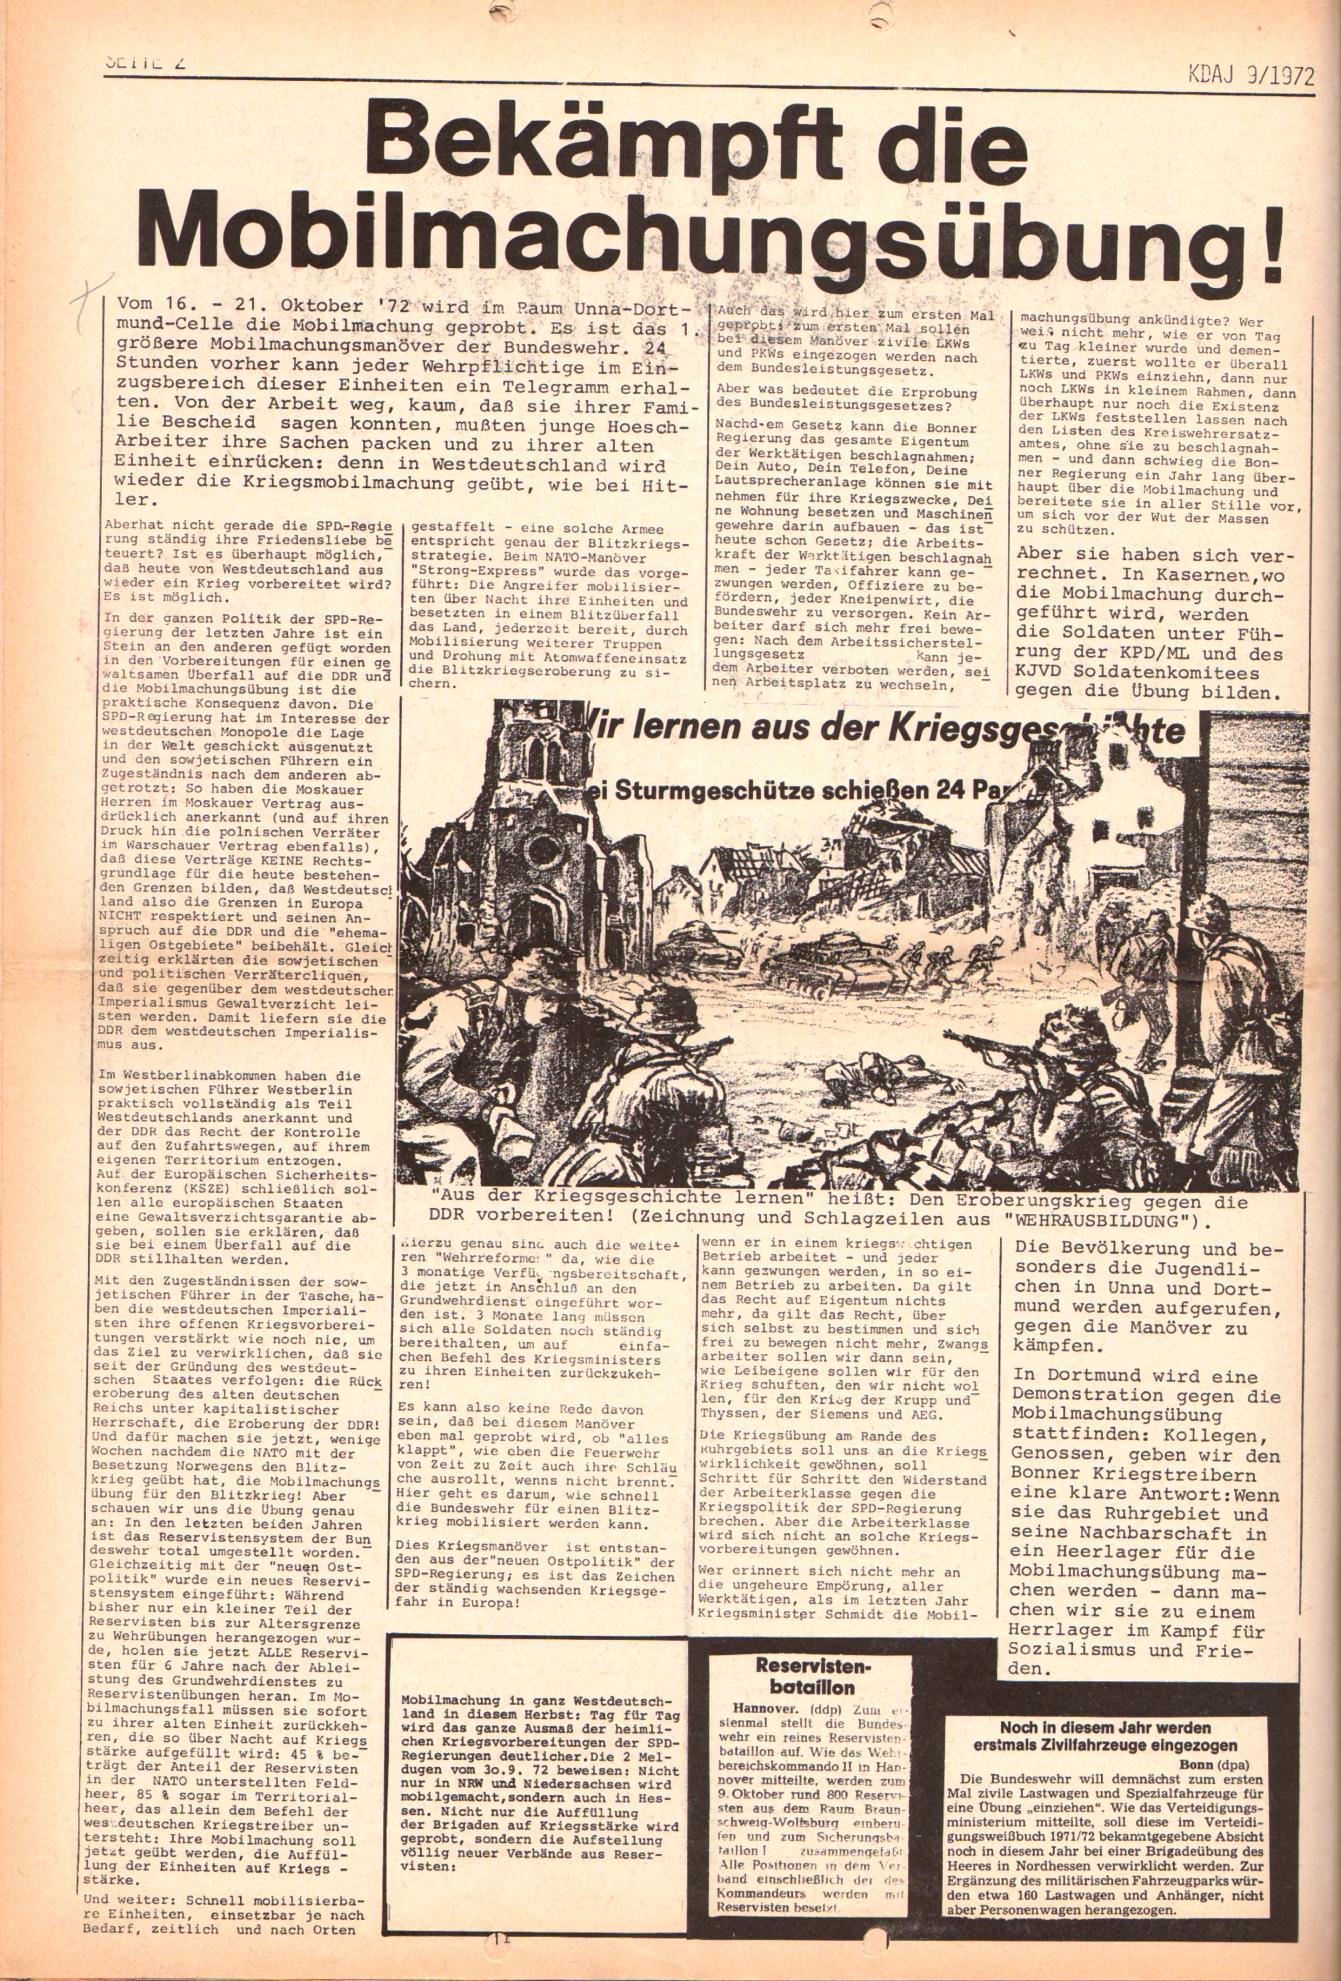 KDAJ, 3. Jg., Oktober 1972, Nr. 9, Seite 2